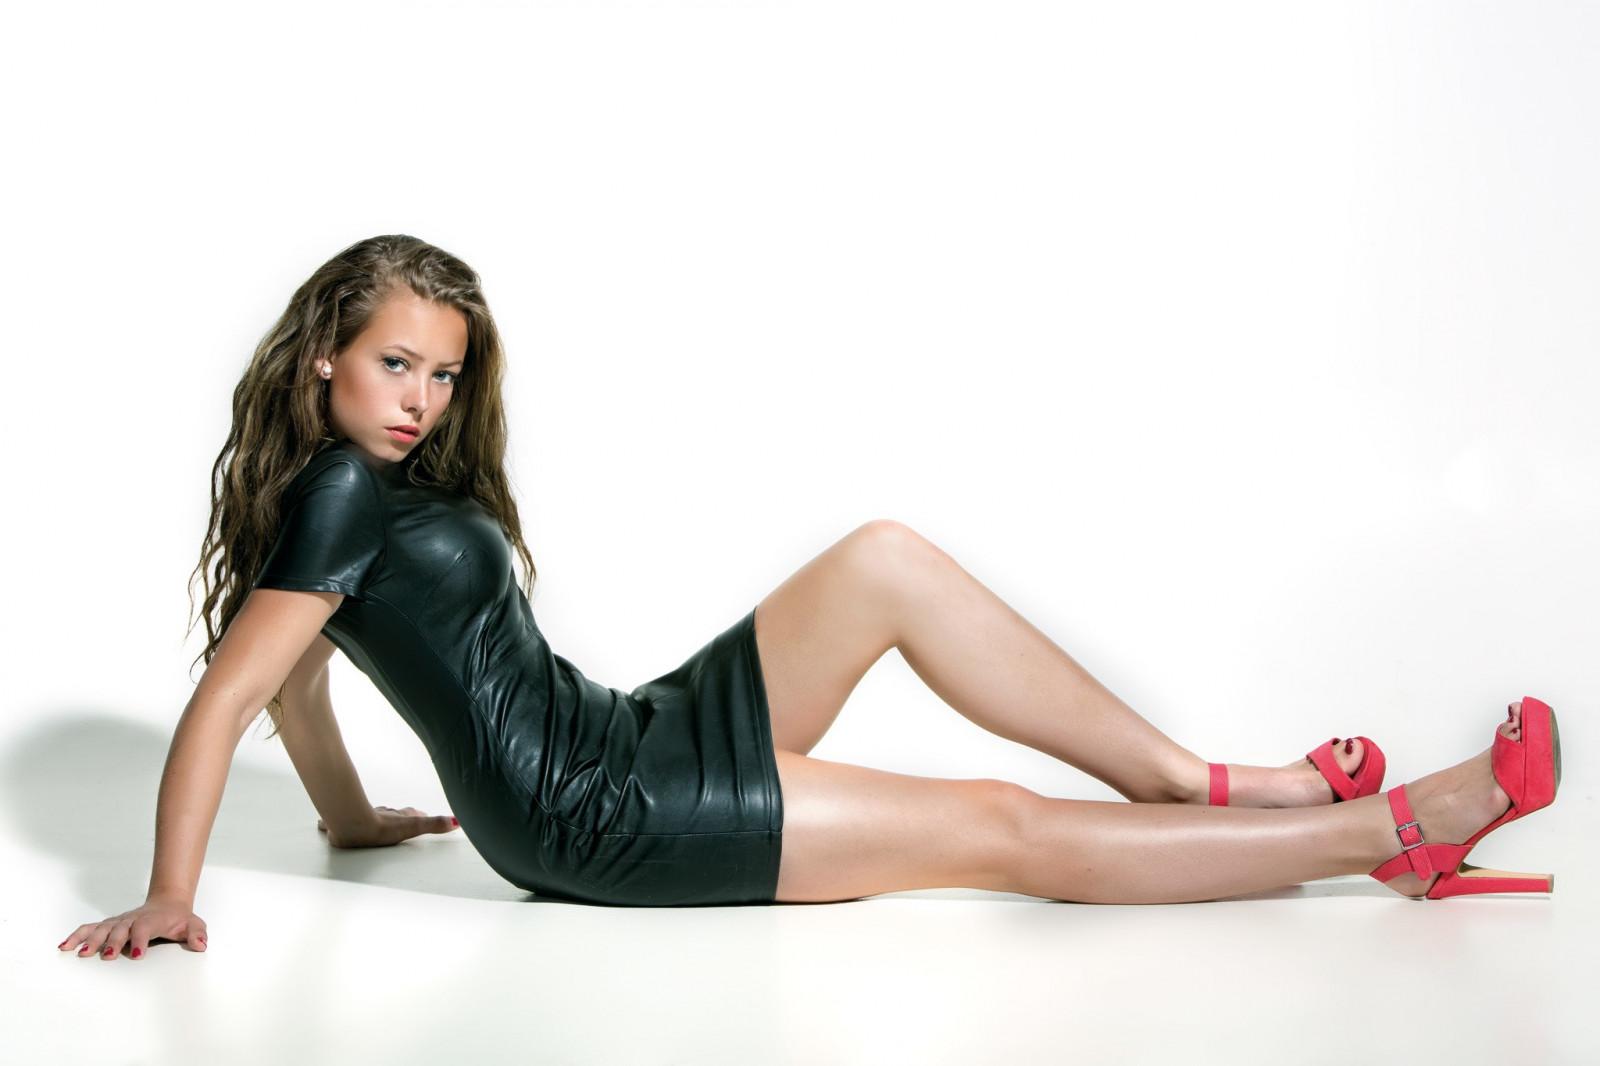 Teen models stripper heels, nude wife picture message board